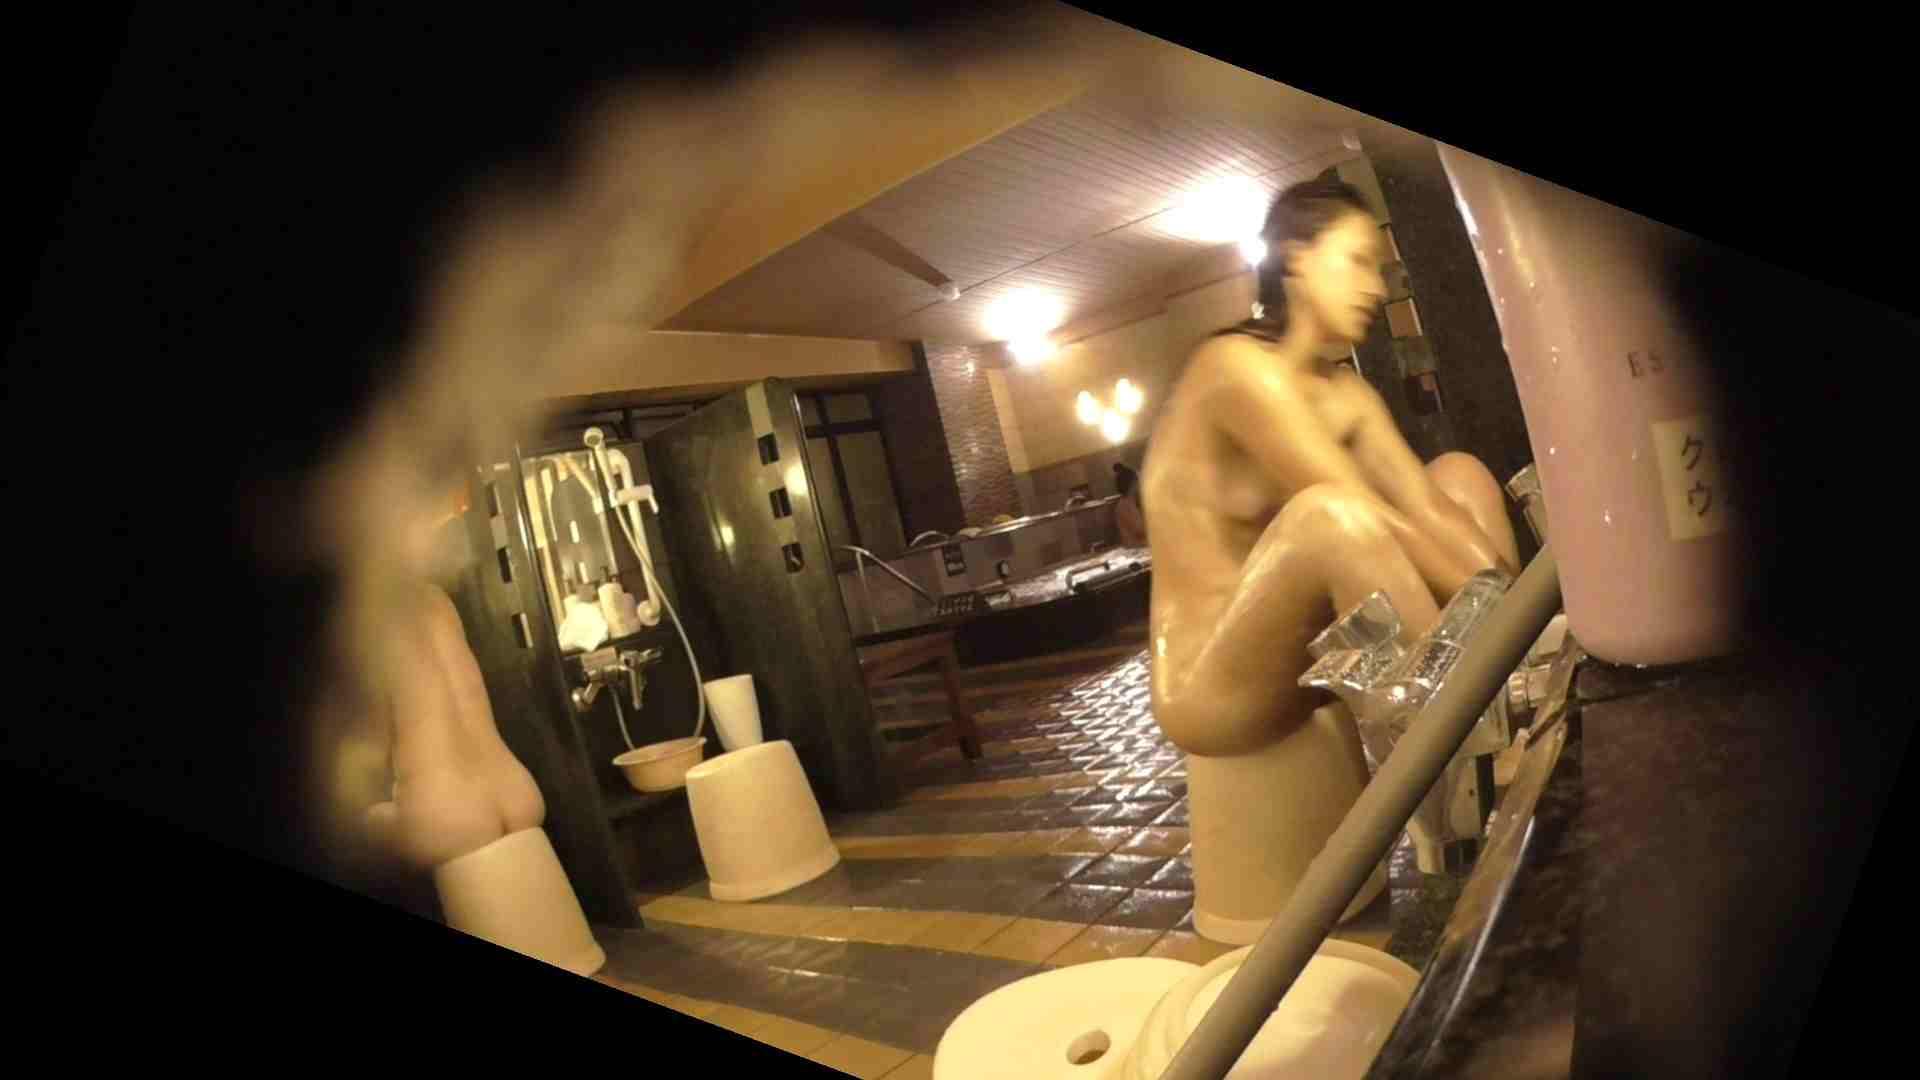 お風呂HEROの助手 vol.04 OLのボディ | 0  58PIX 37